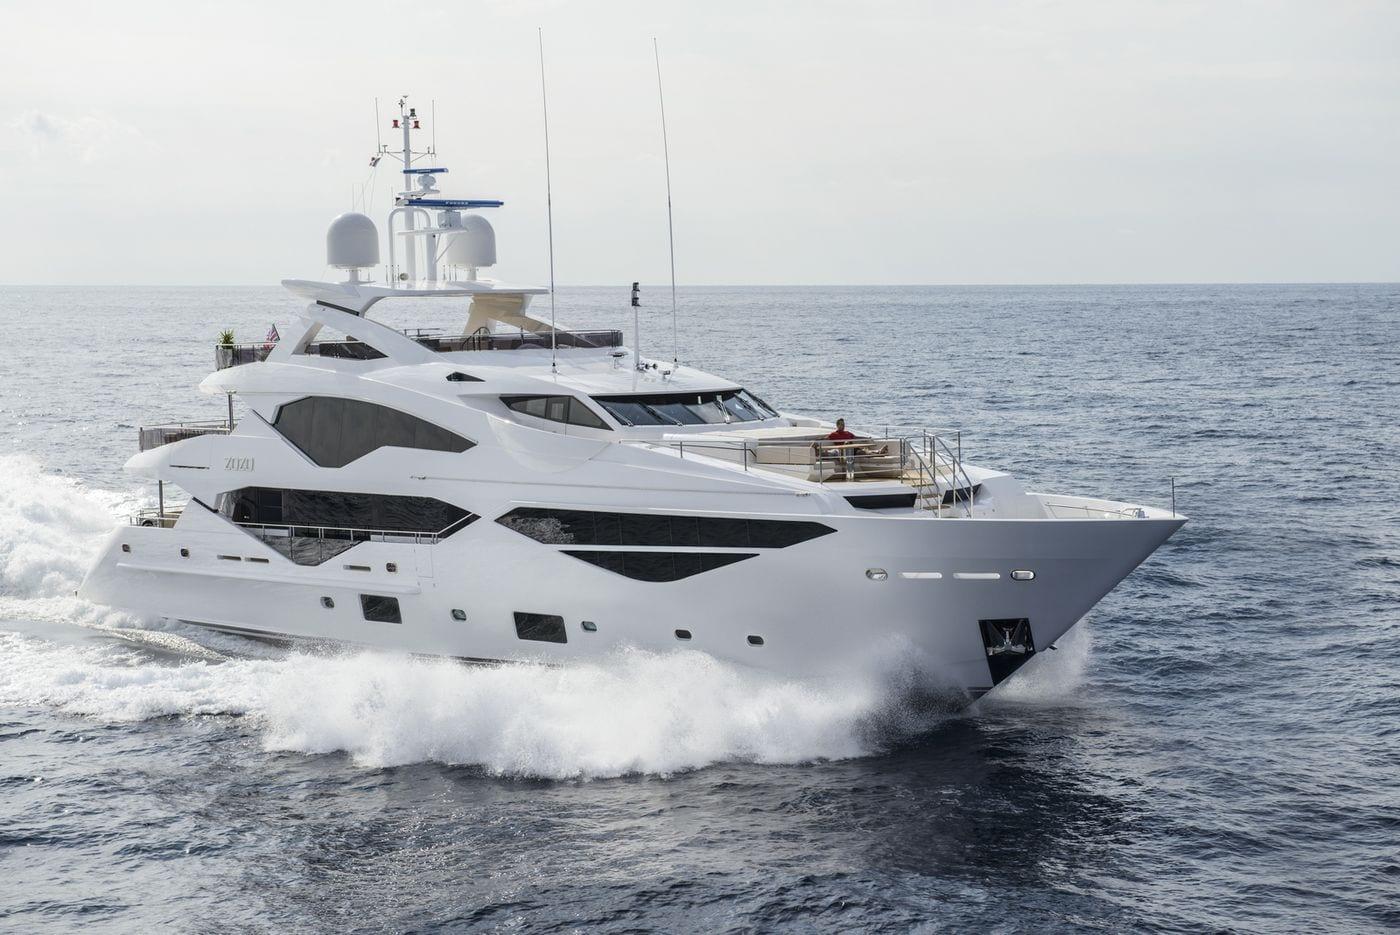 יאכטה Sunseeker Yacht 131 - יאכטה Sunseeker Yacht 131 - סטרים יאכטות